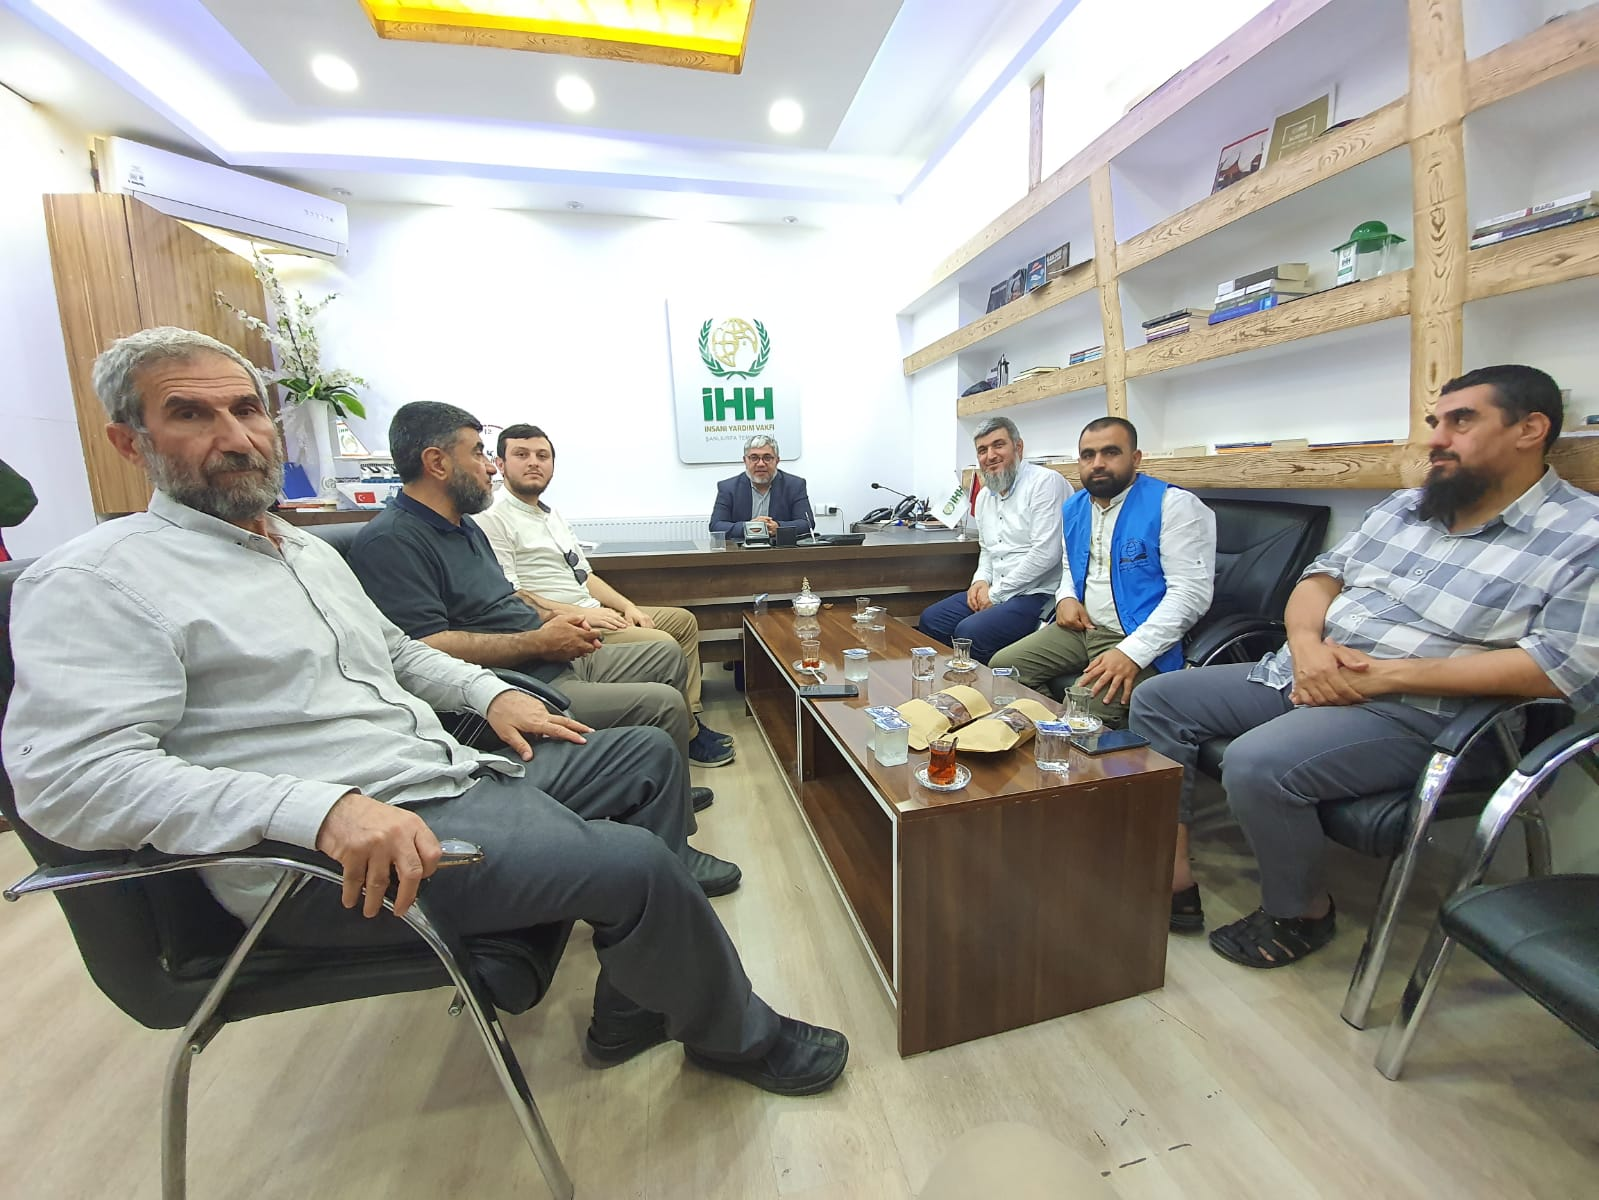 Urfa İHHya Ziyareti - Haberler - İnsanı İnşa Derneği İİD. Uluslararası Yardım Kuruluşu